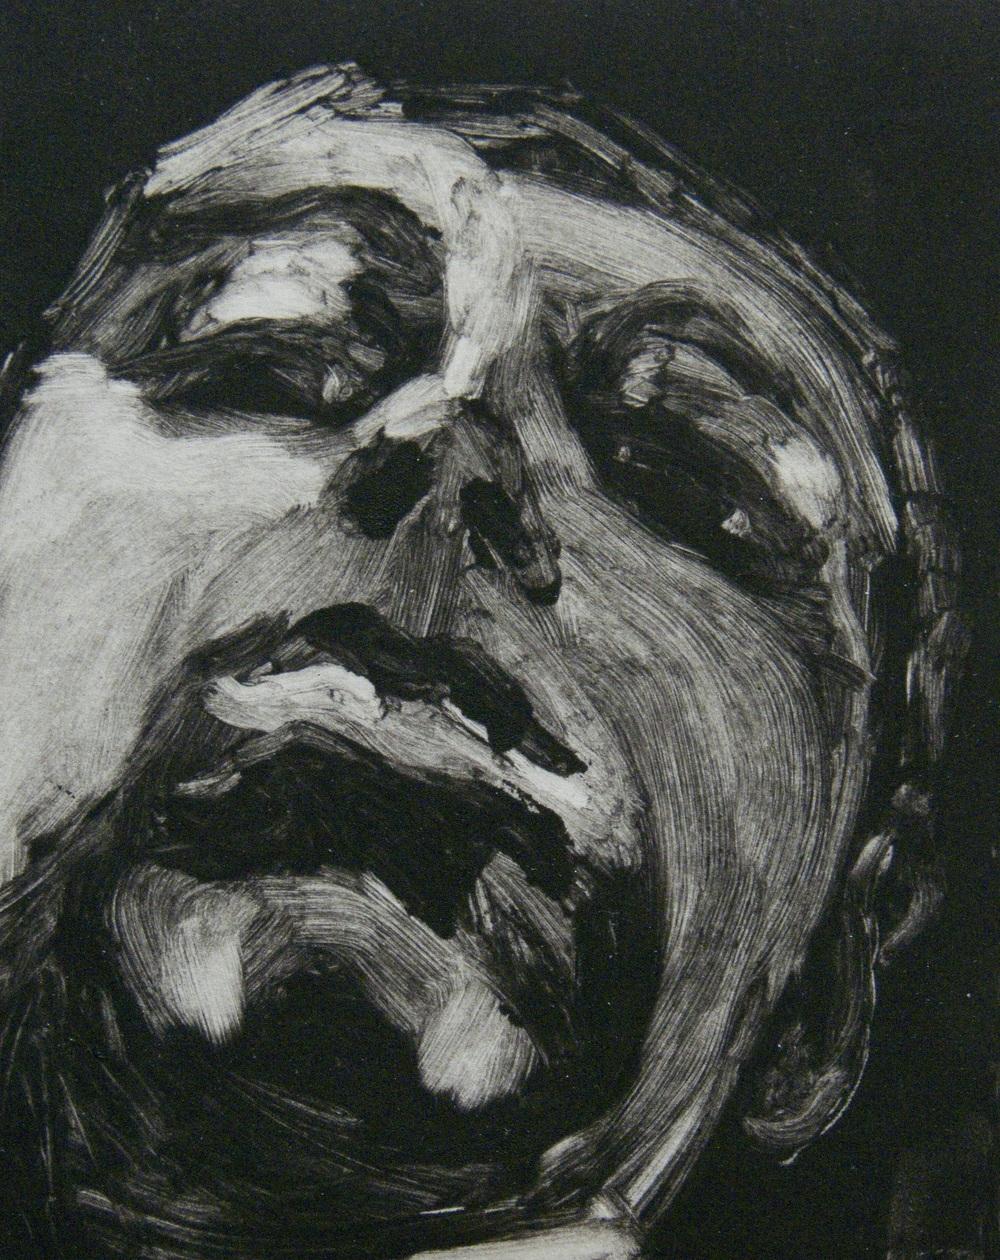 'Adolescent' Robyn Sandford